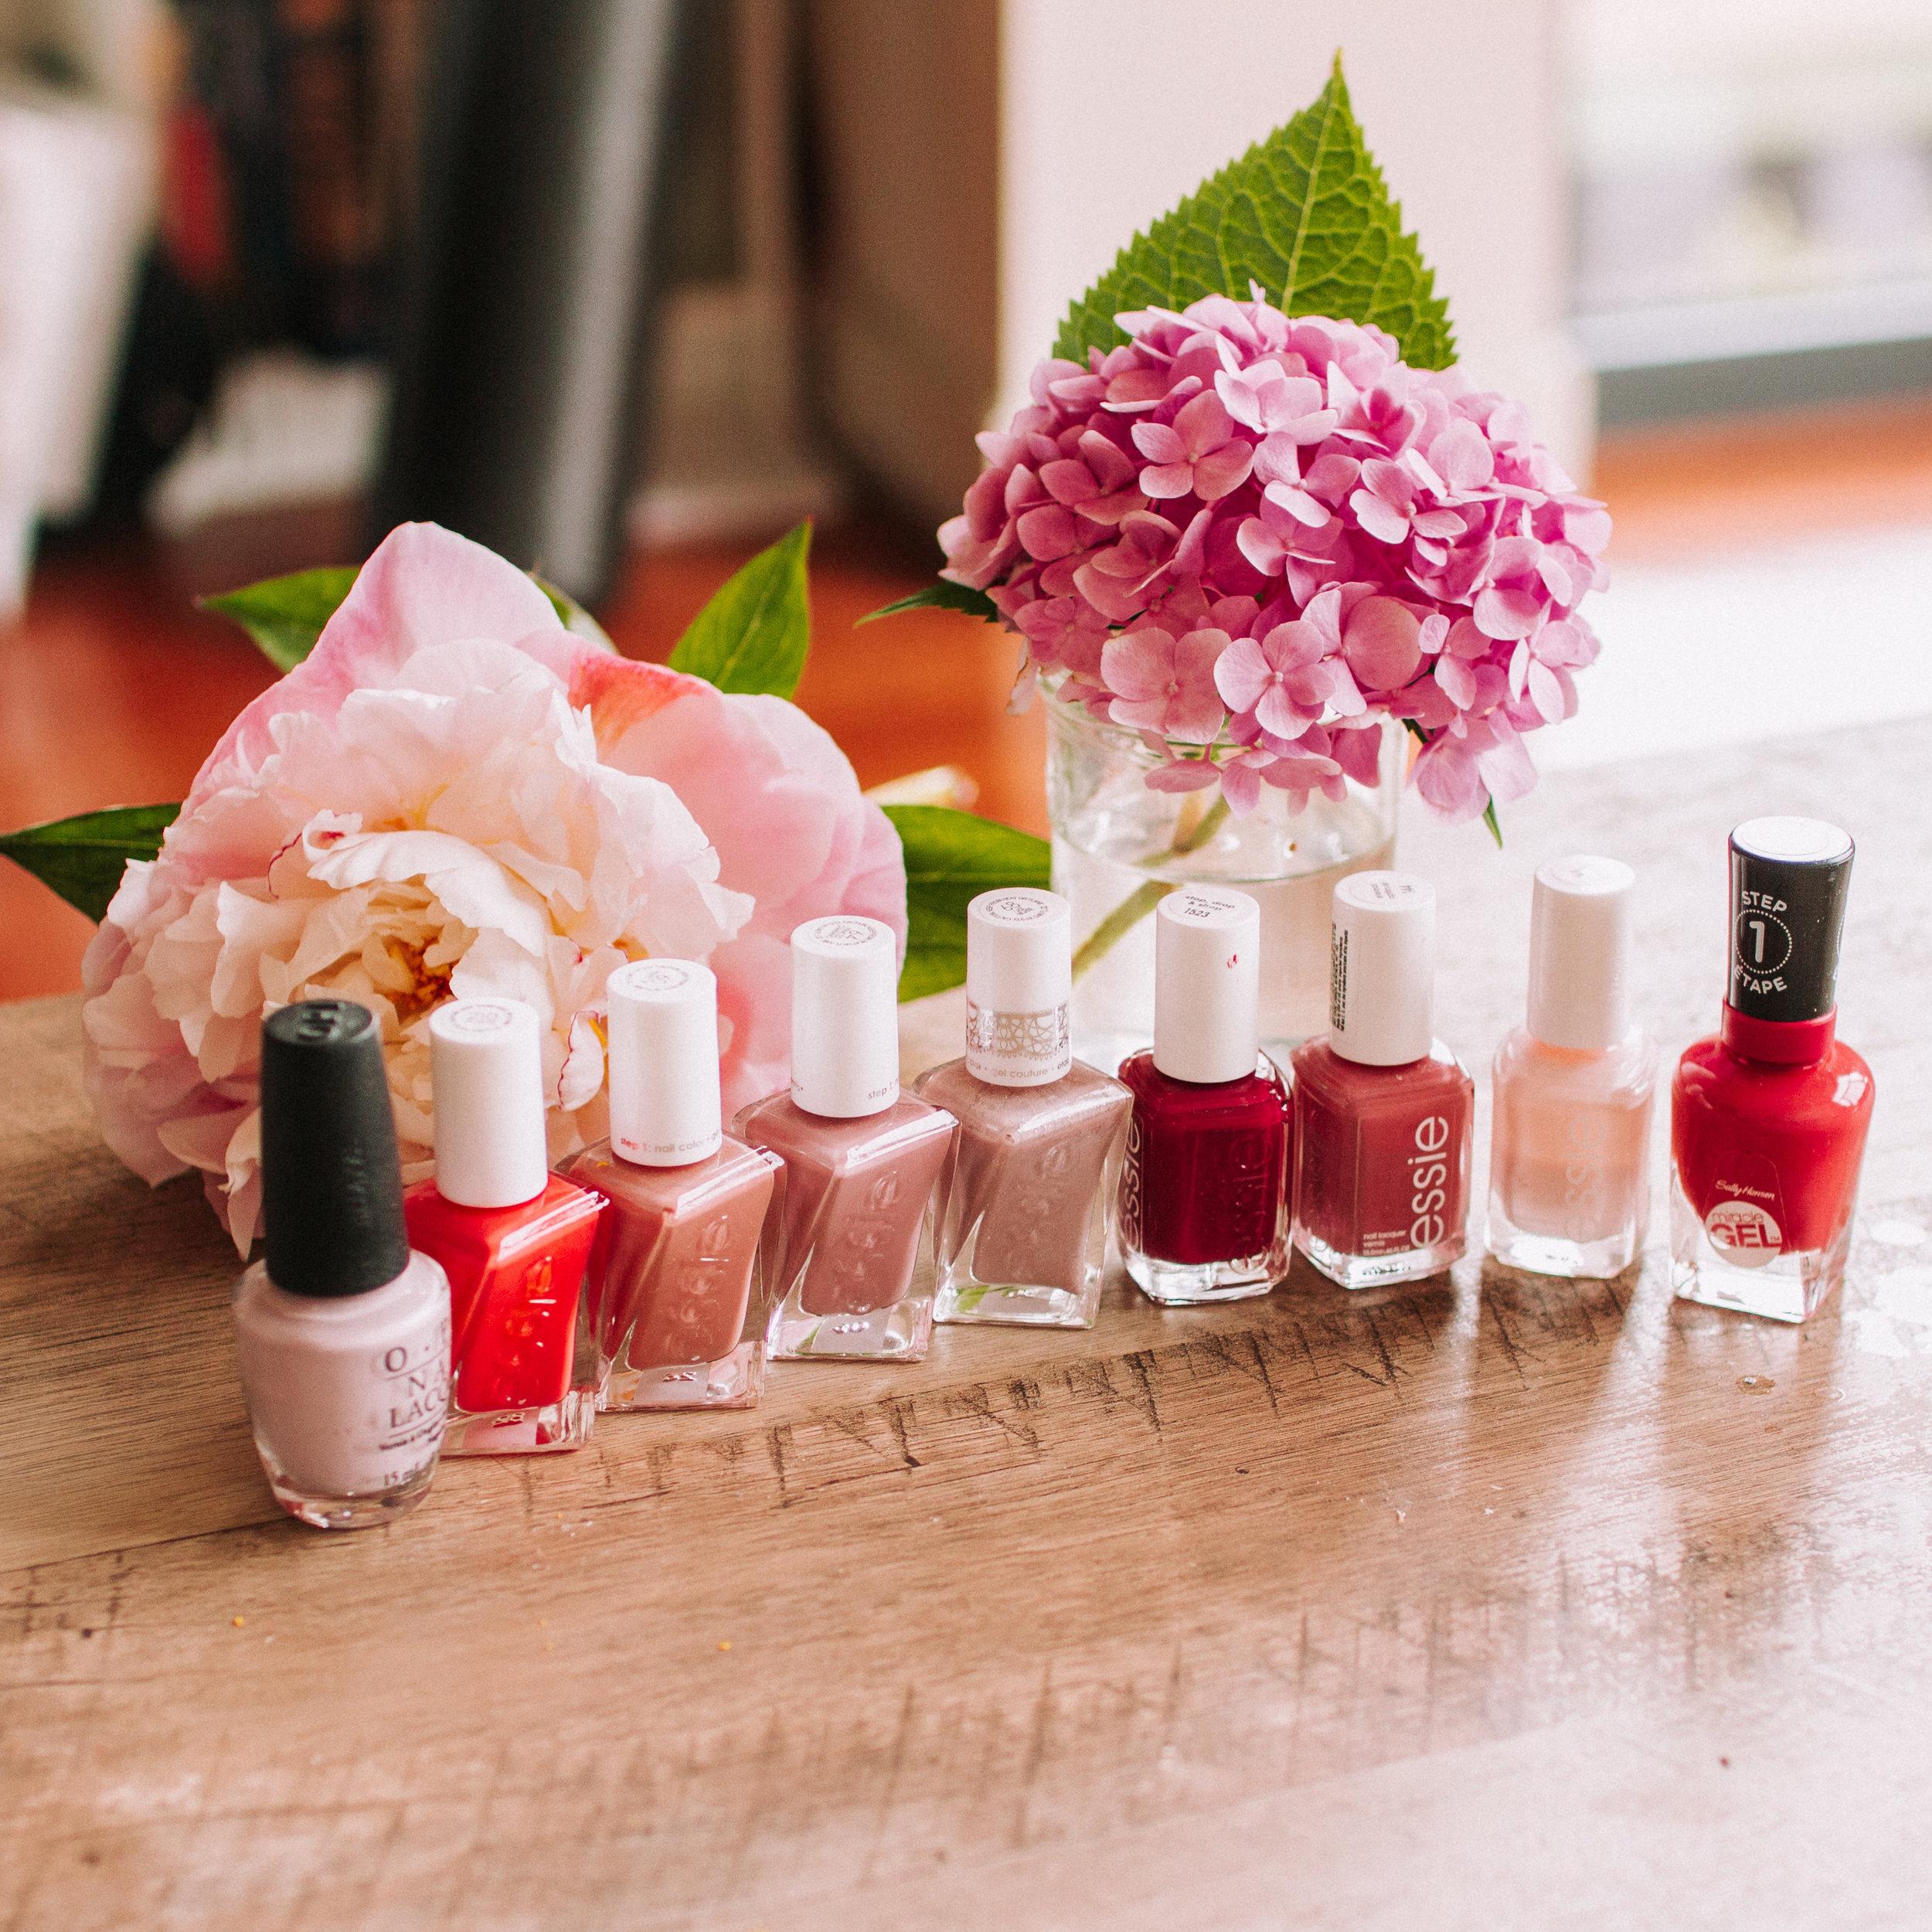 Neutral blush rose nail polish